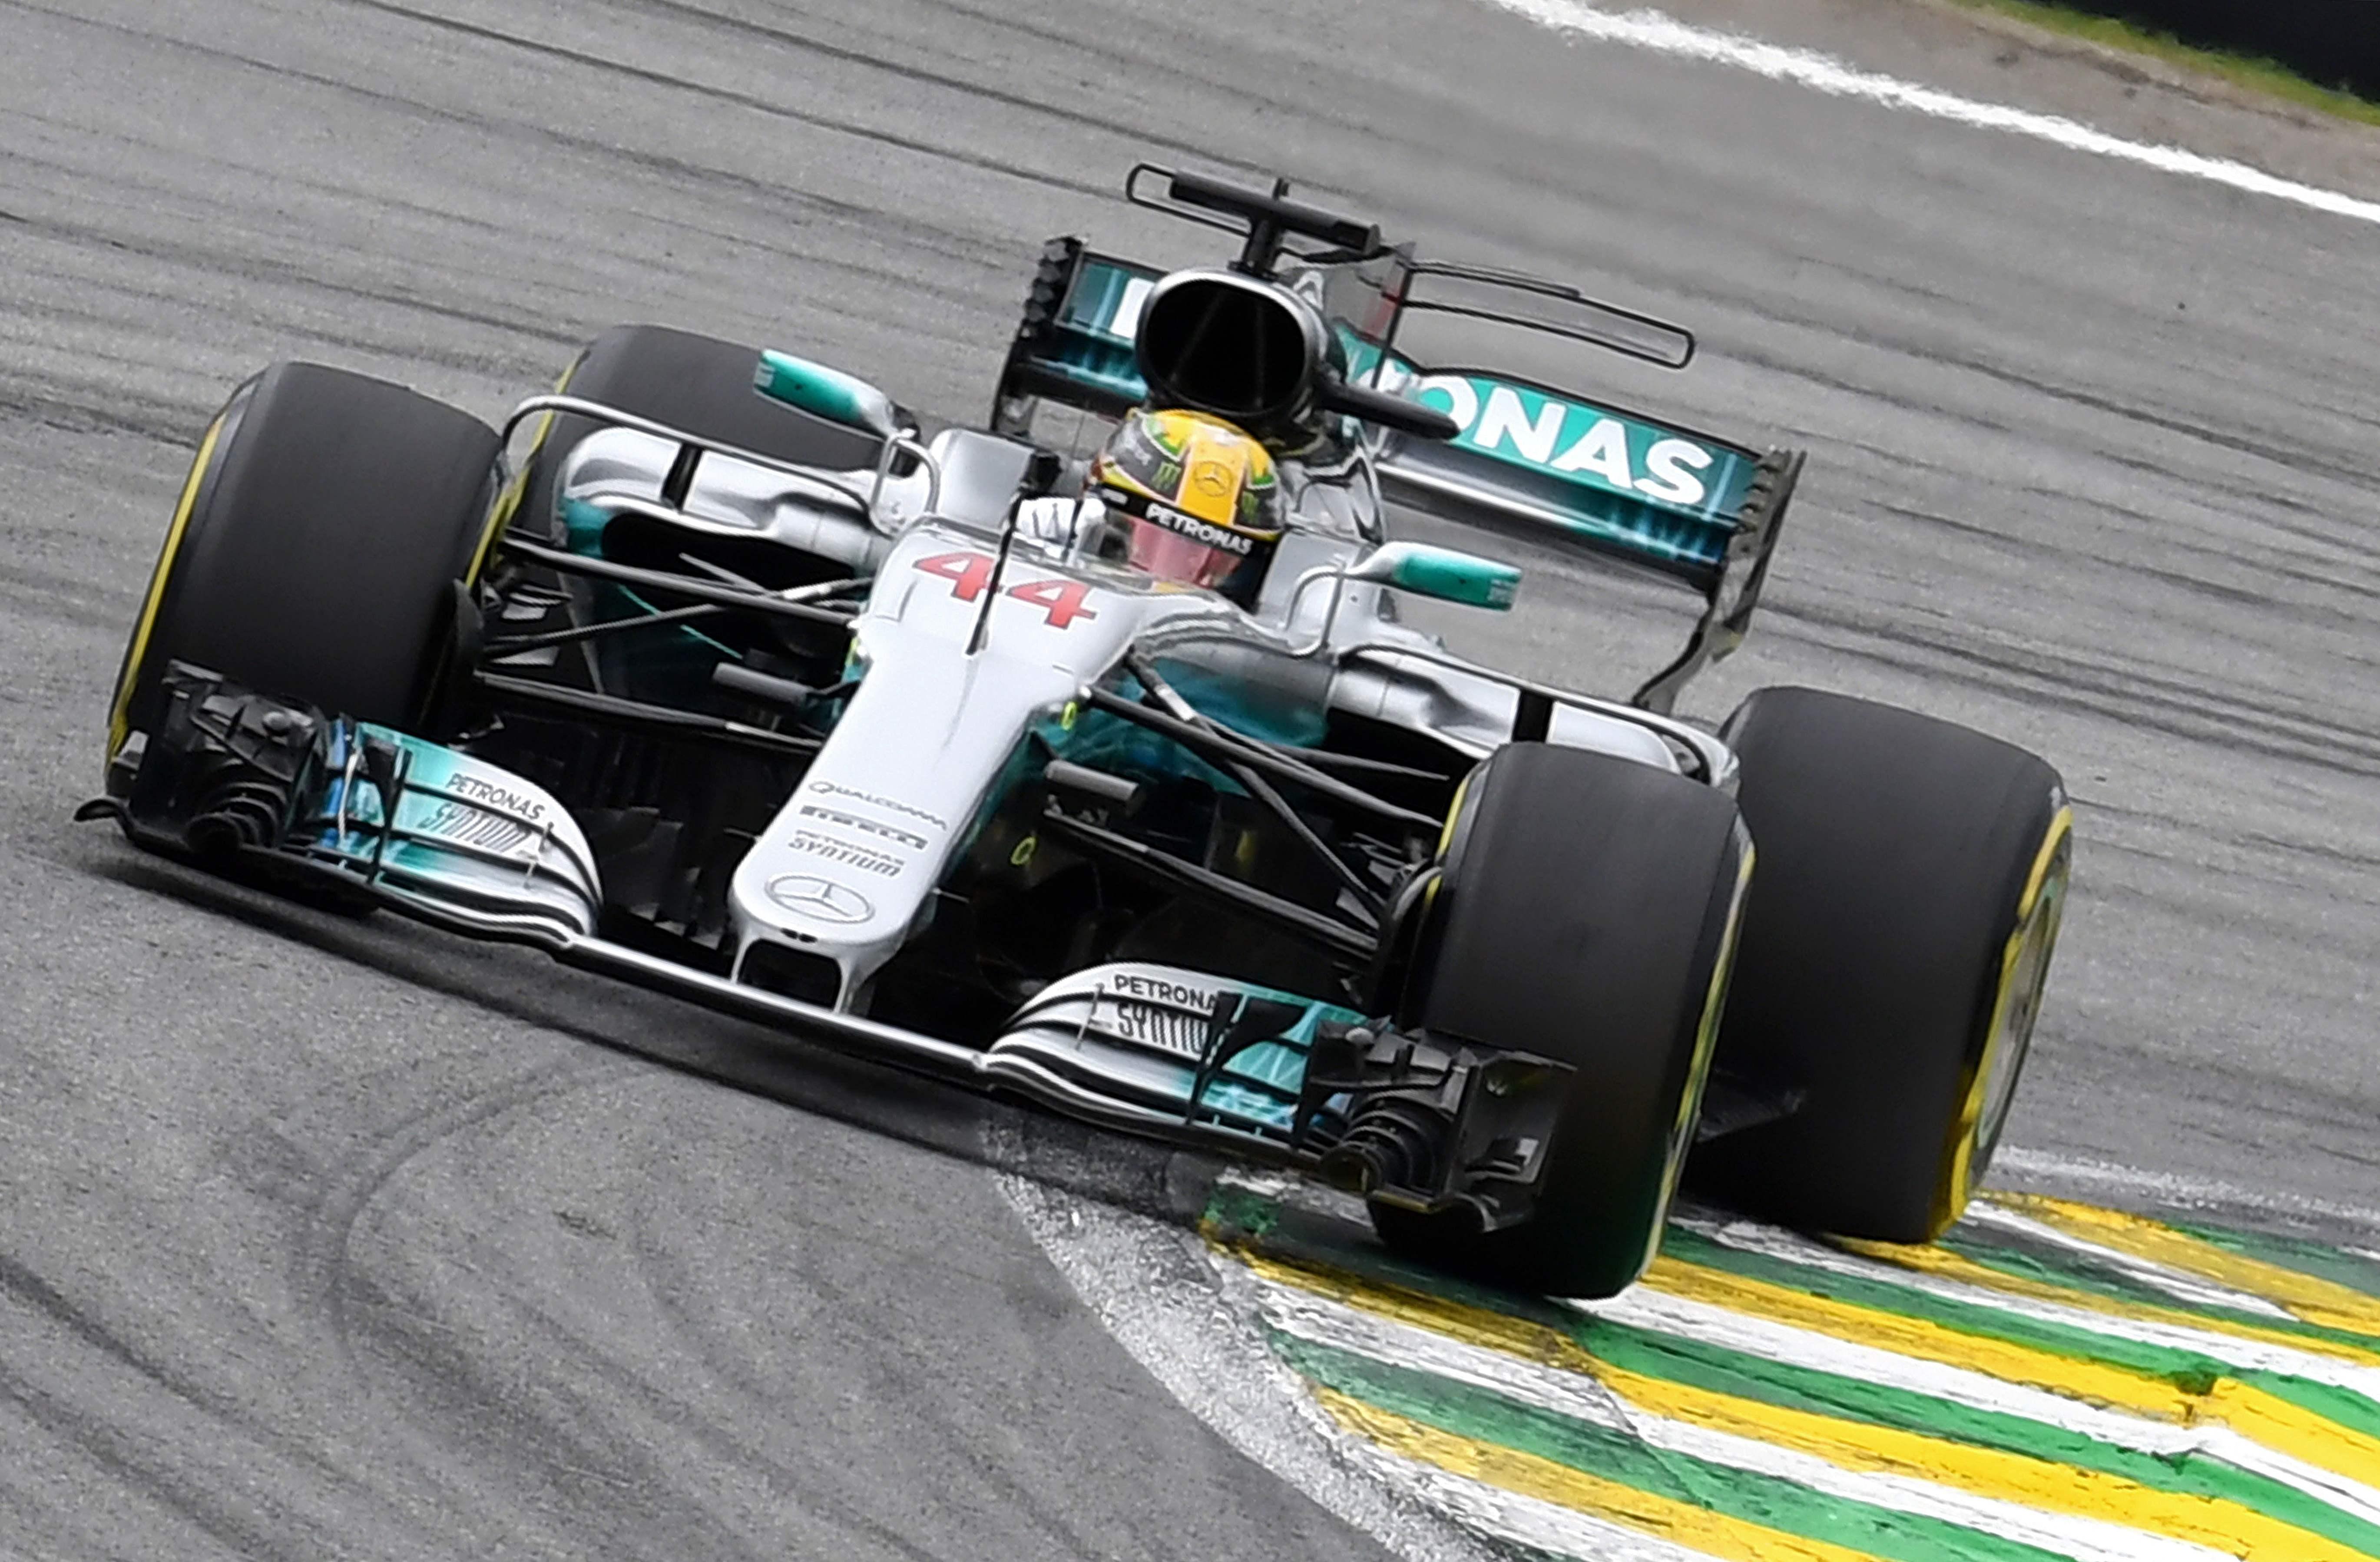 Neuer Formel-1-Wagen von Mercedes: Termin für Vorstellung steht fest